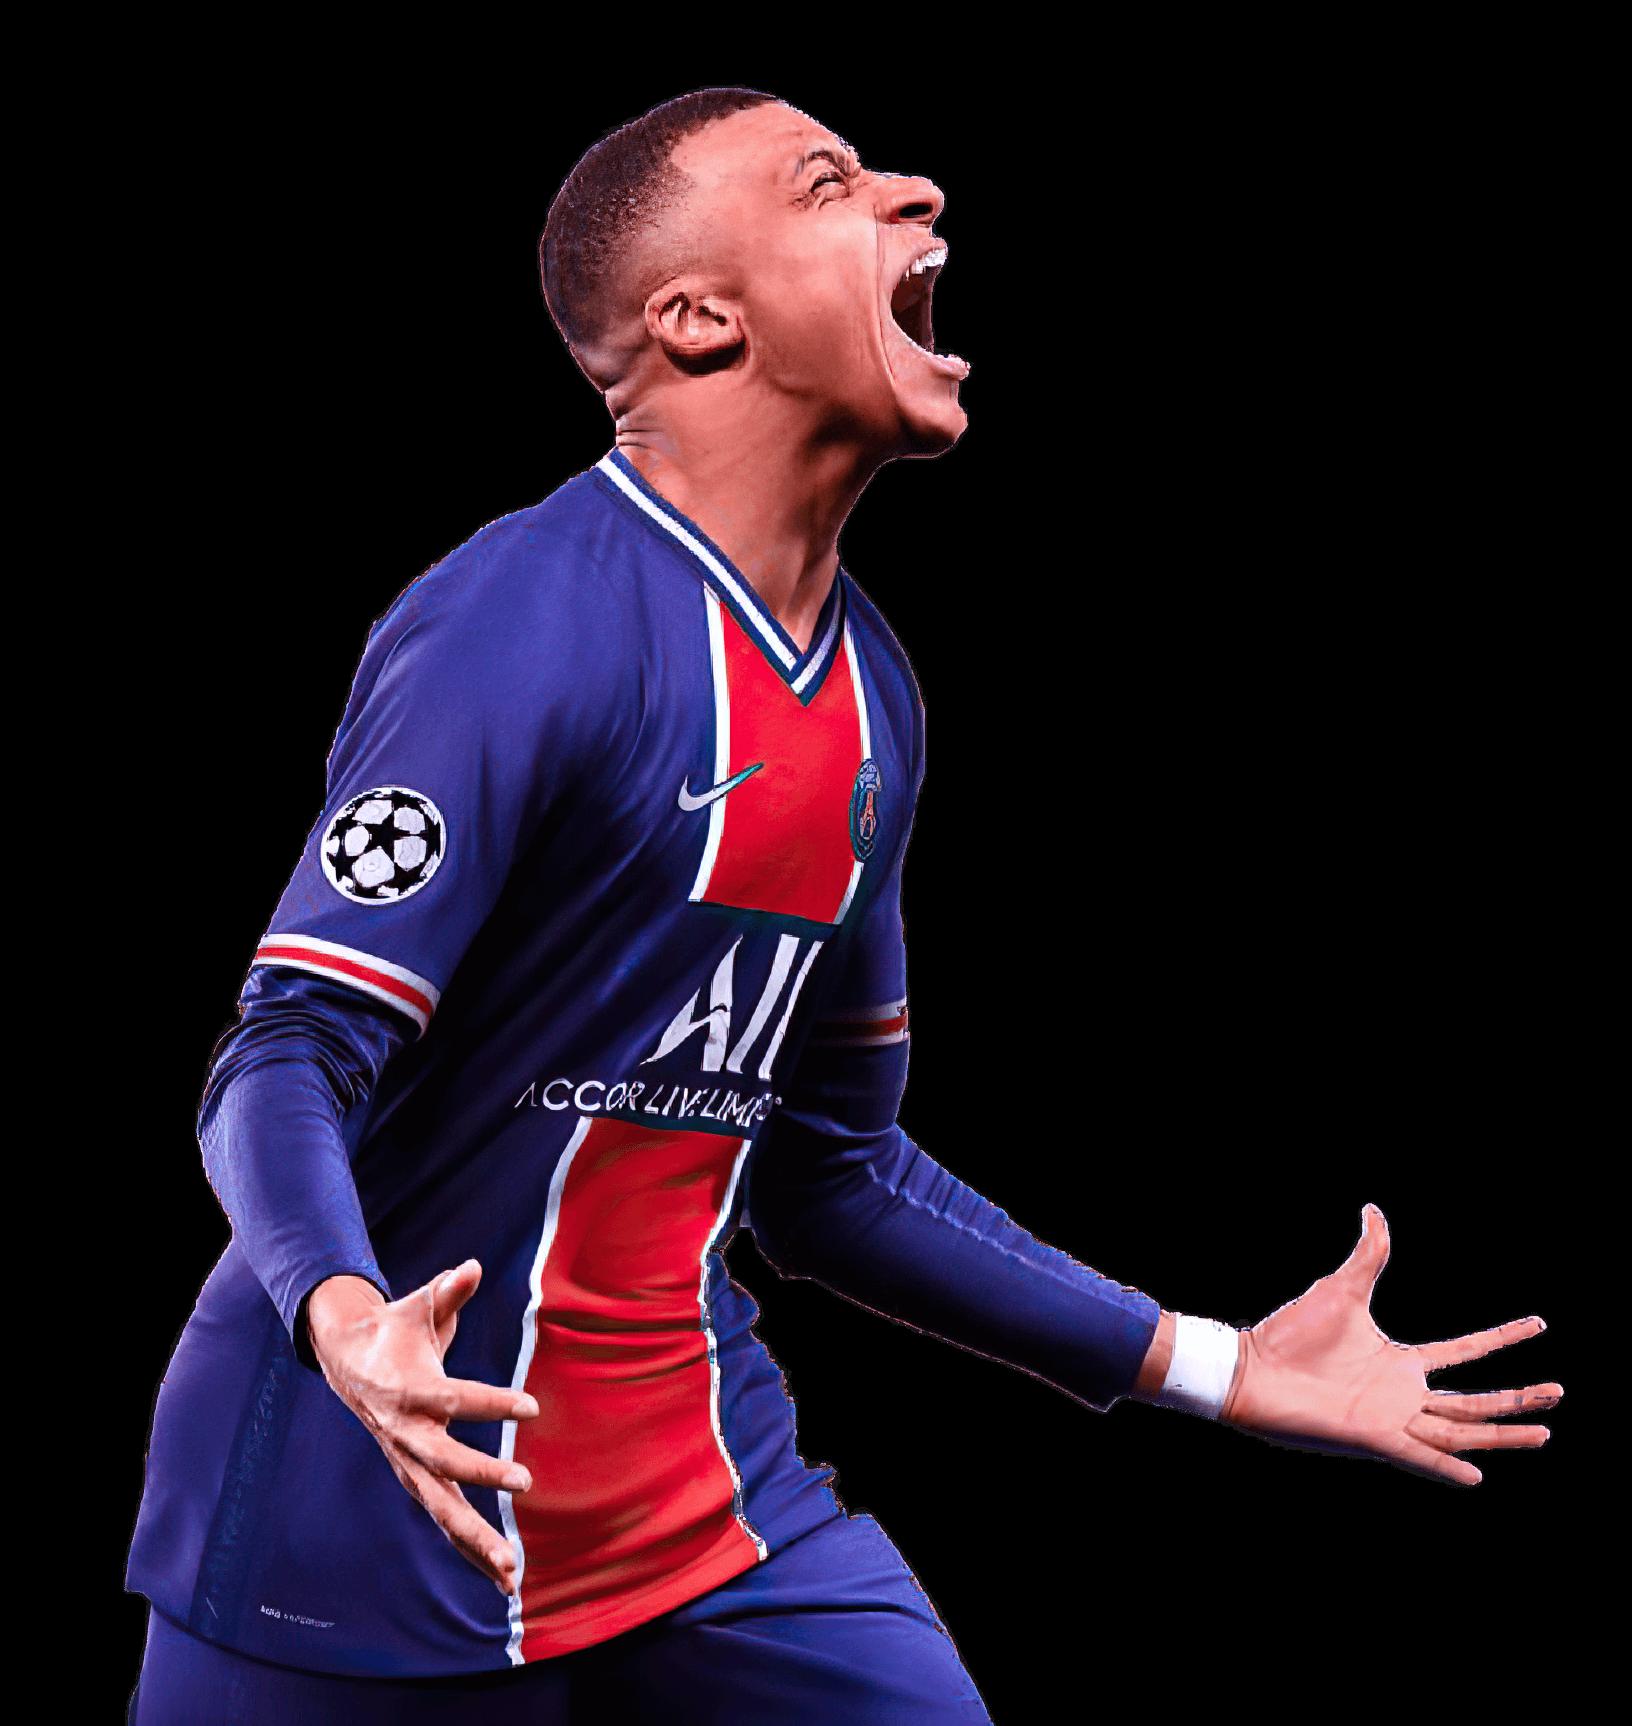 FIFA 21 Freeze: Team 2 in FUT bereits geleakt